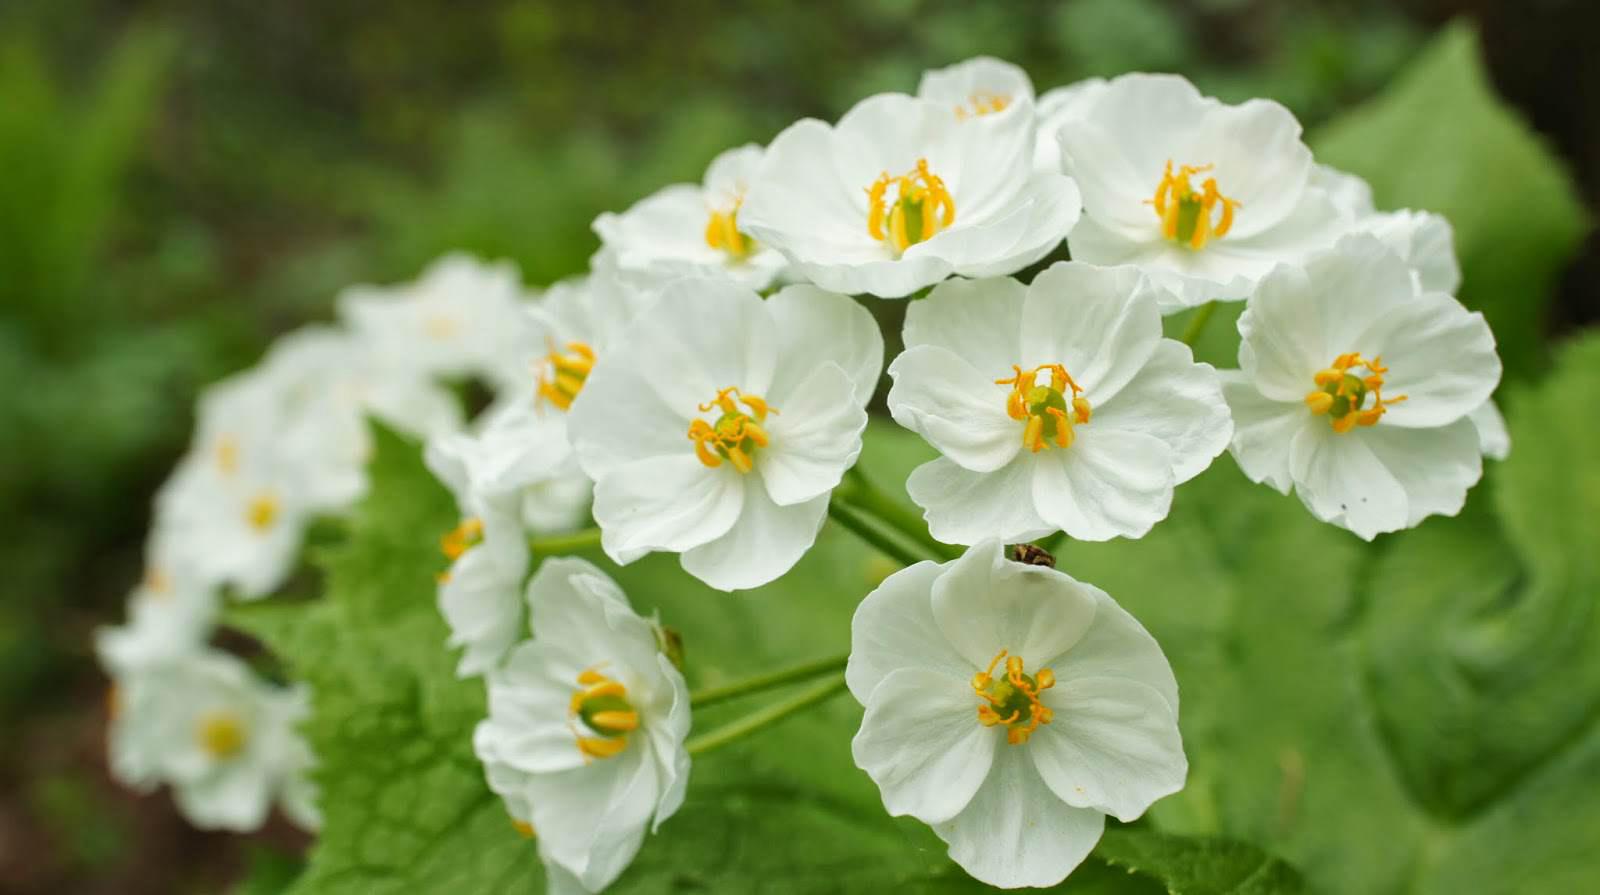 大自然的神奇讓你見怪不怪 今天要介紹給大家的是這個日本原生花種Diphylleia grayi 山荷葉屬植物,現在還沒有中文名字唷